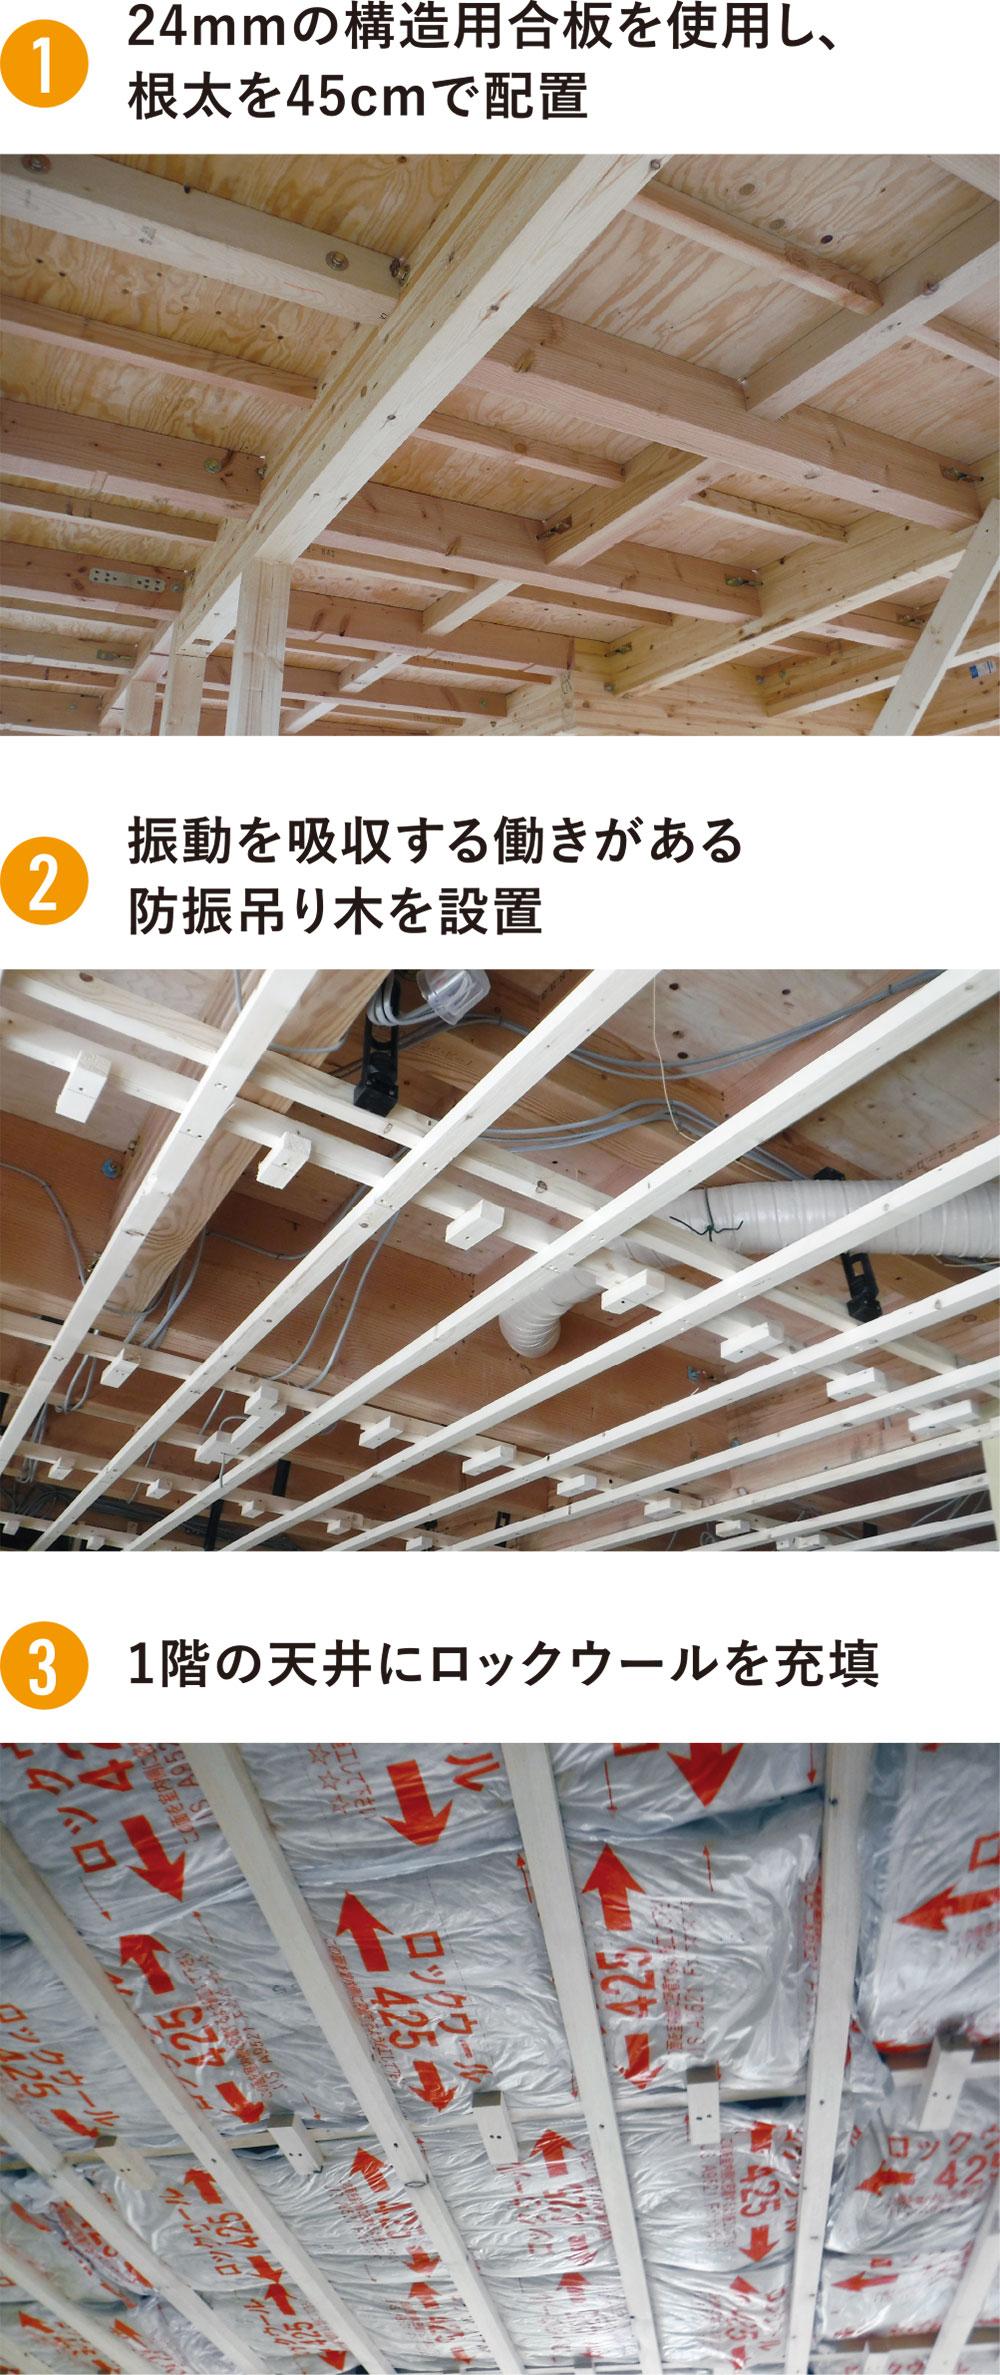 防音効果を高める施工